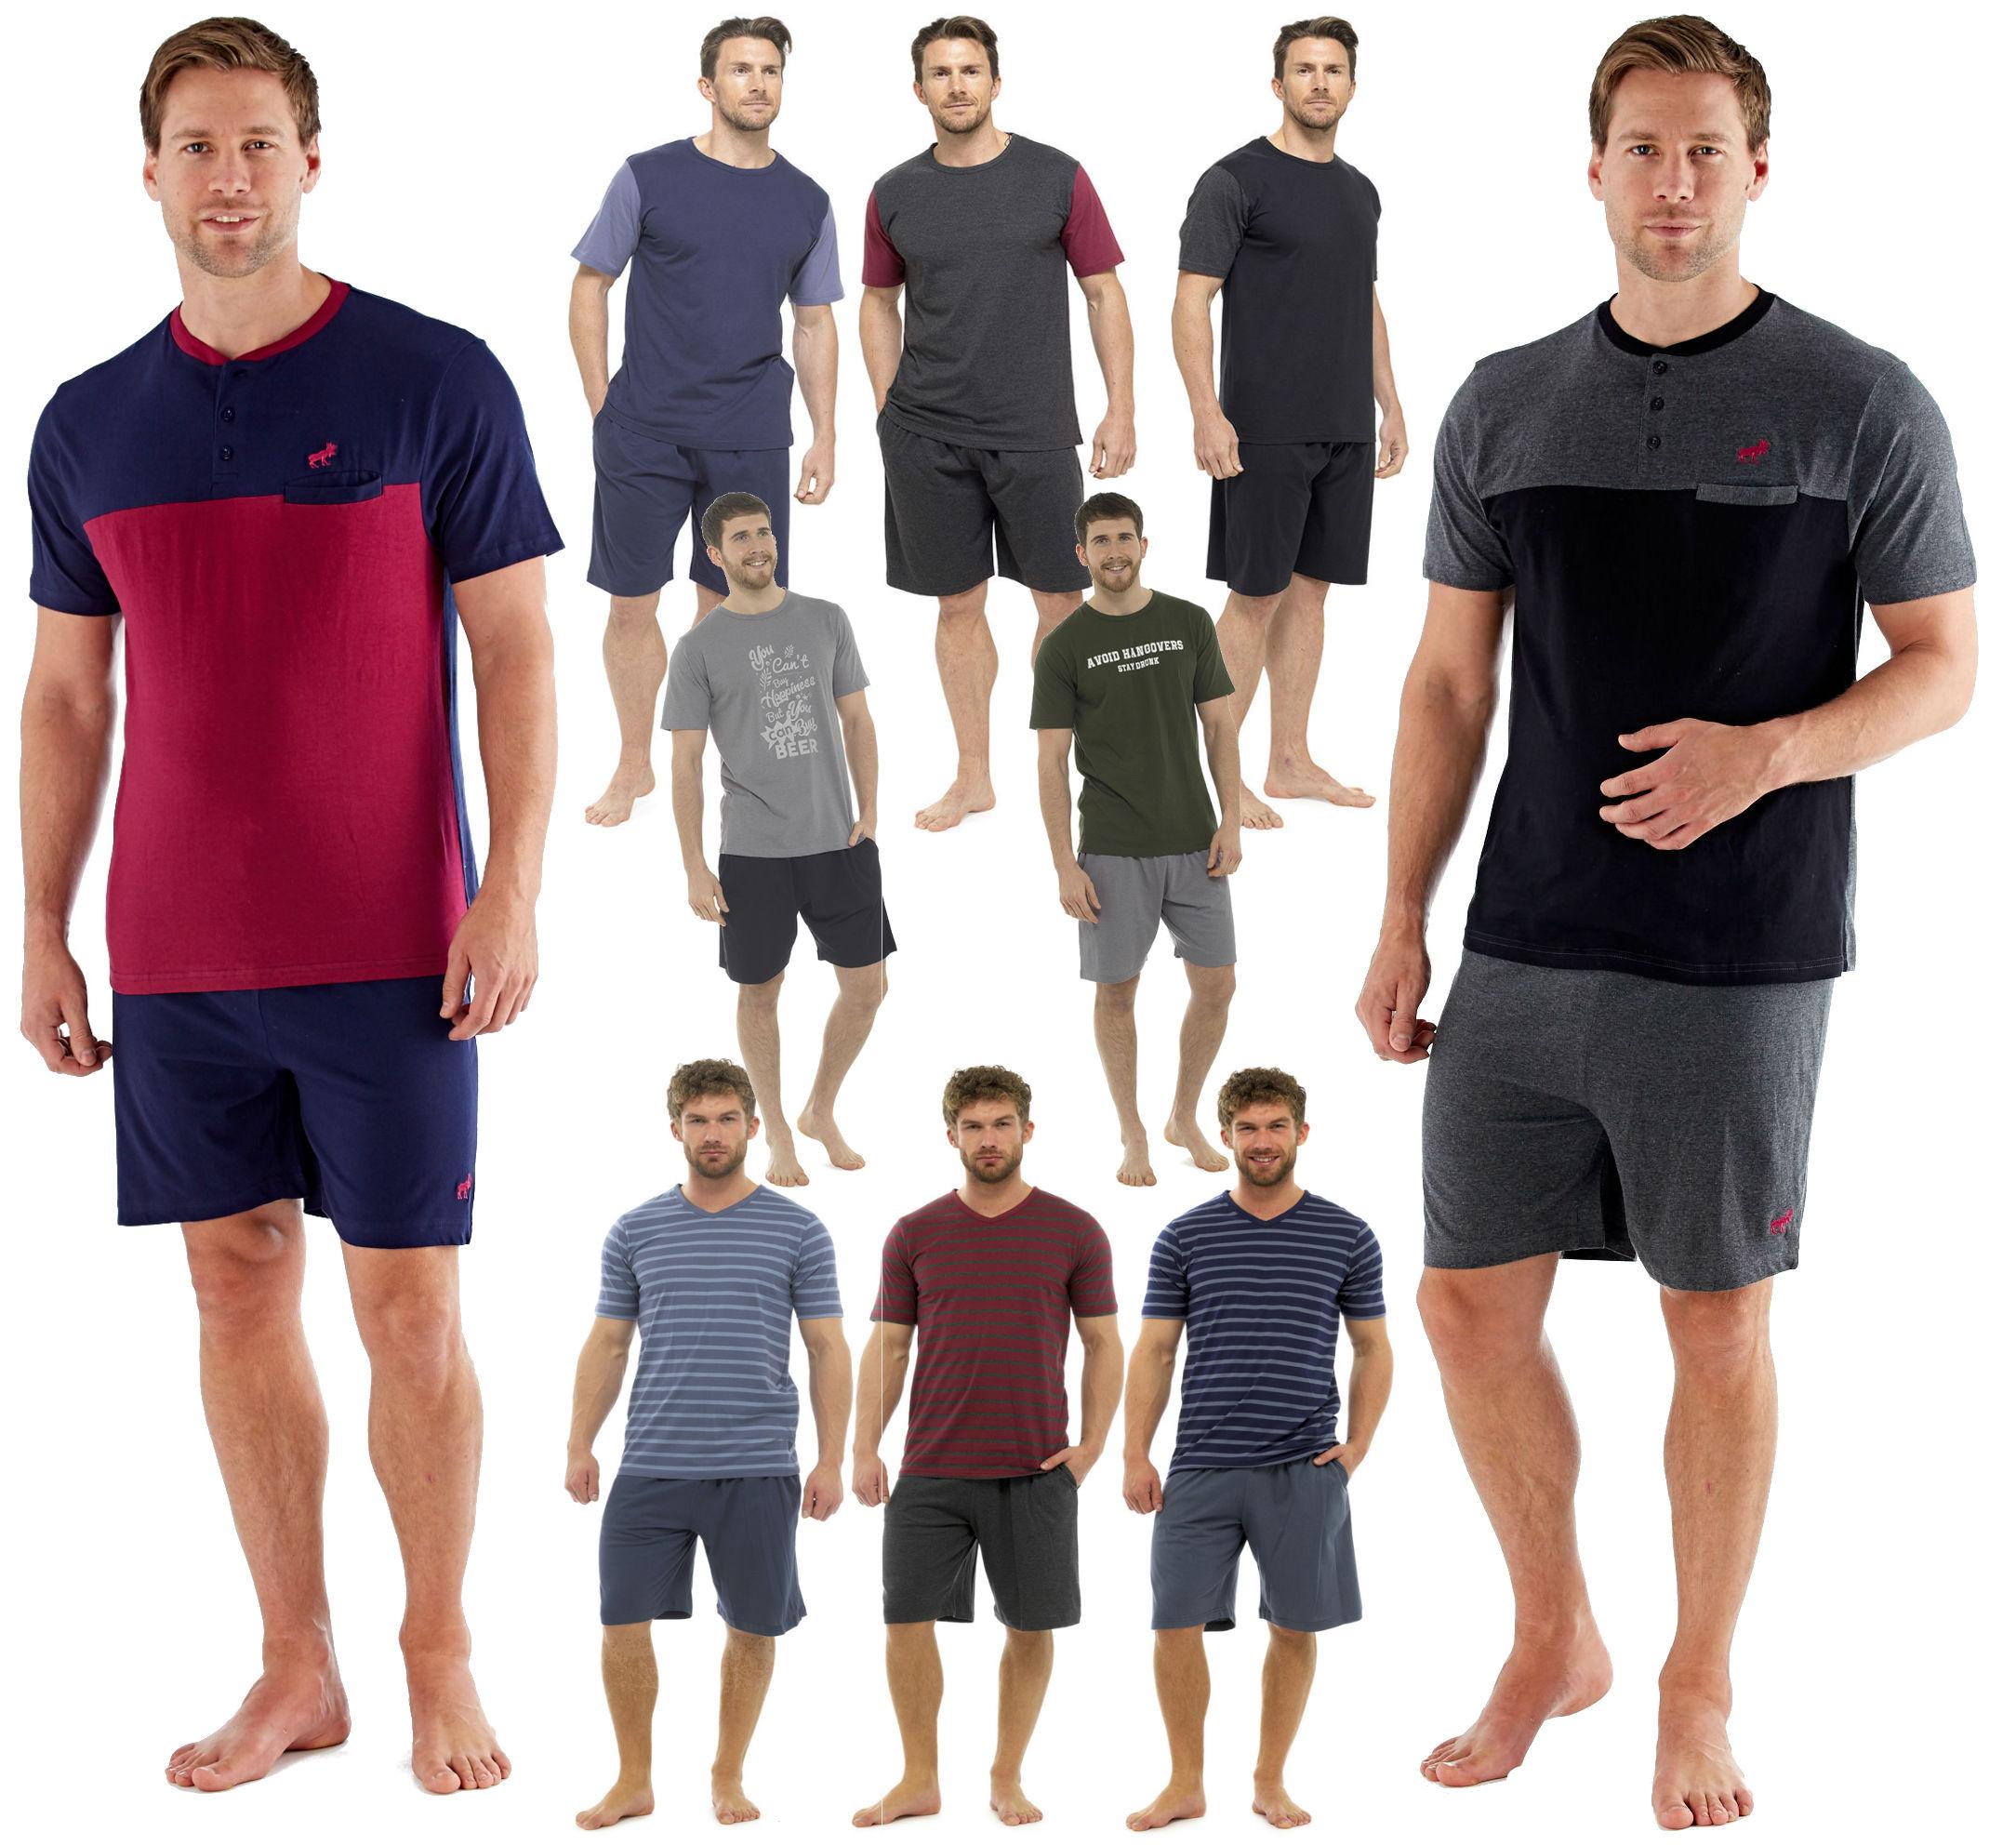 6b408bda12b65 Homme Coton Pyjamas Shorts Bottoms Set à manches courtes T shirt ...